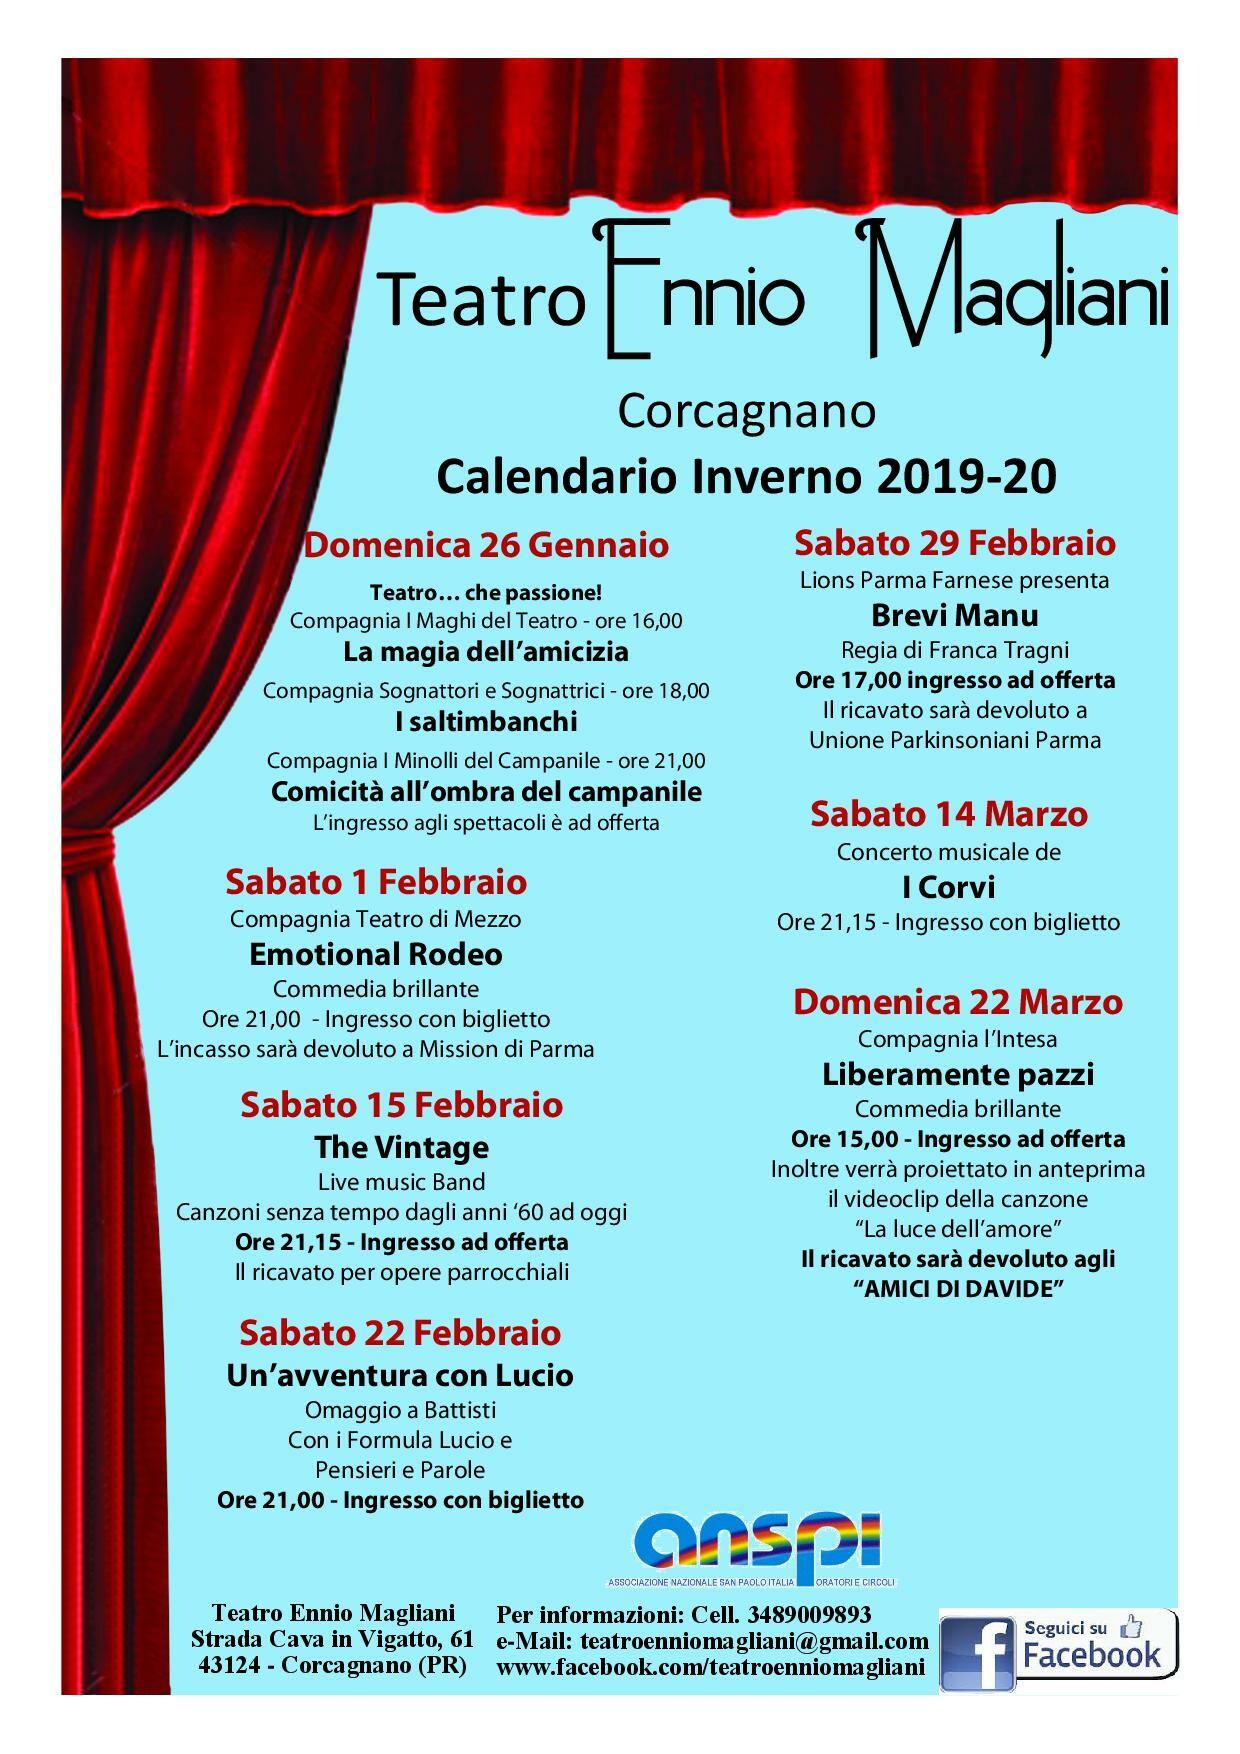 Programma spettacoli al teatro Ennio Magliani